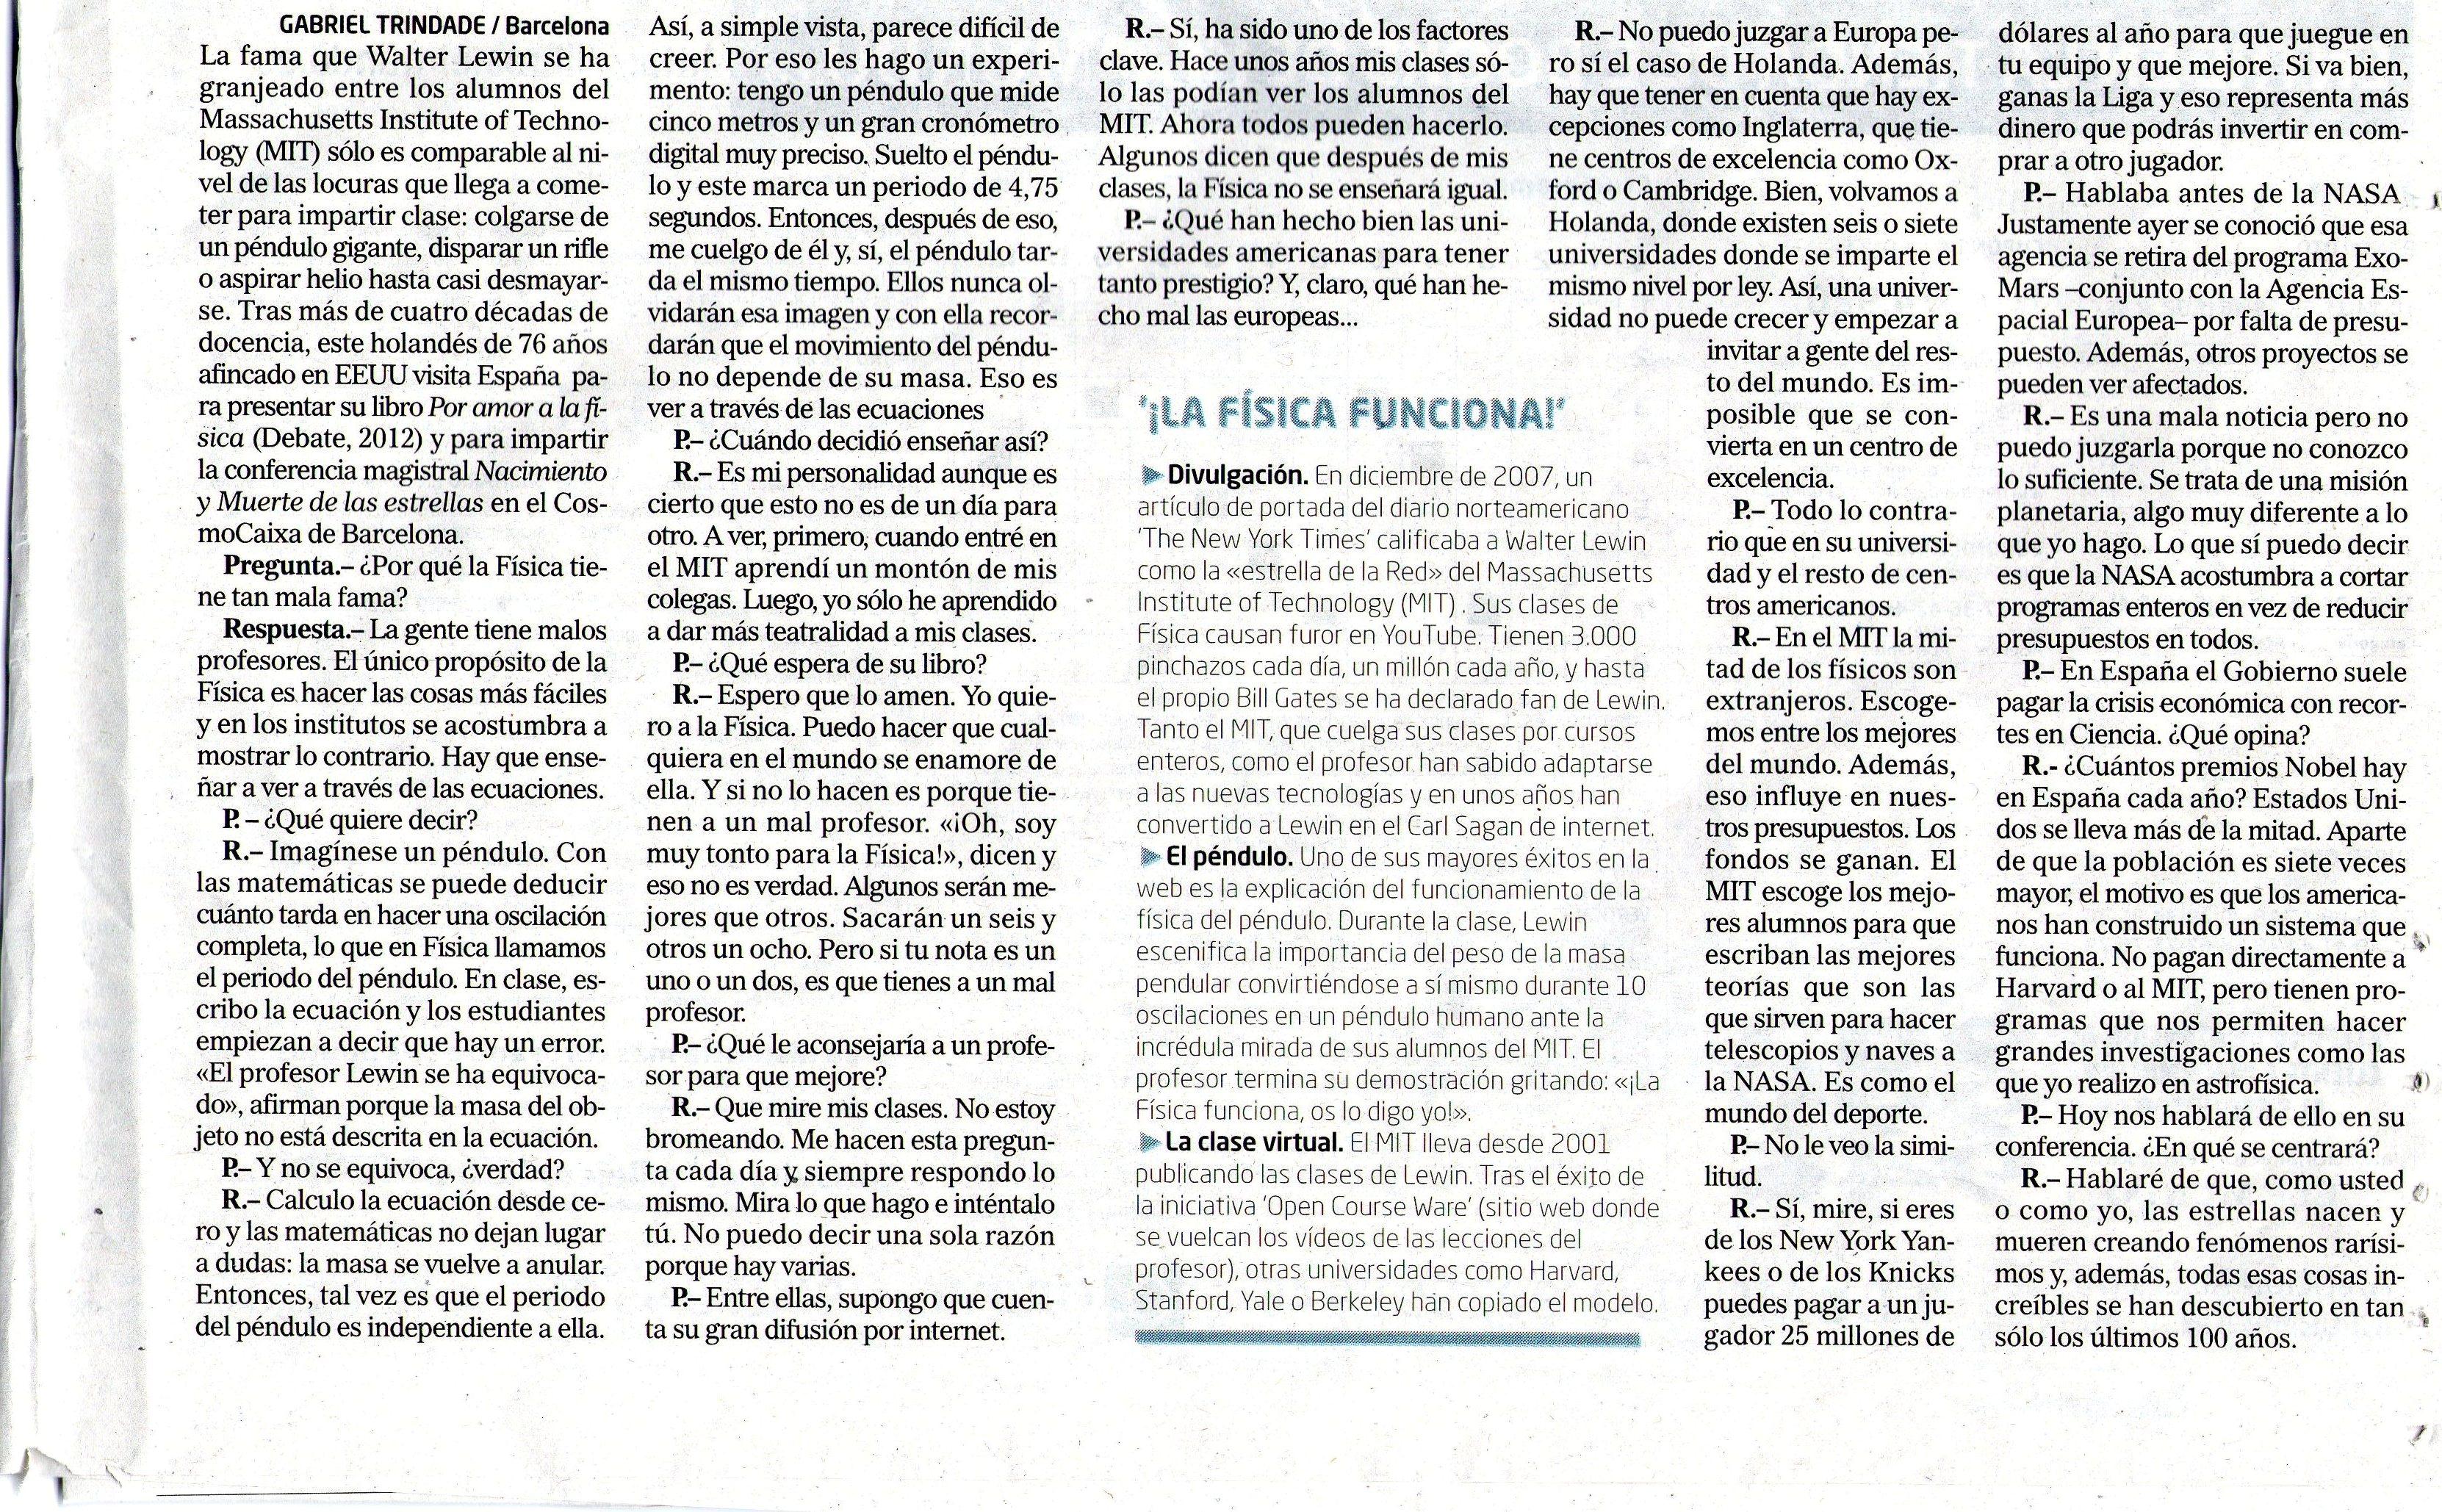 Entrevista El Mundo Walter Lewin 2 Injusto titular de El Mundo (edición impresa) sobre Walter Lewin.